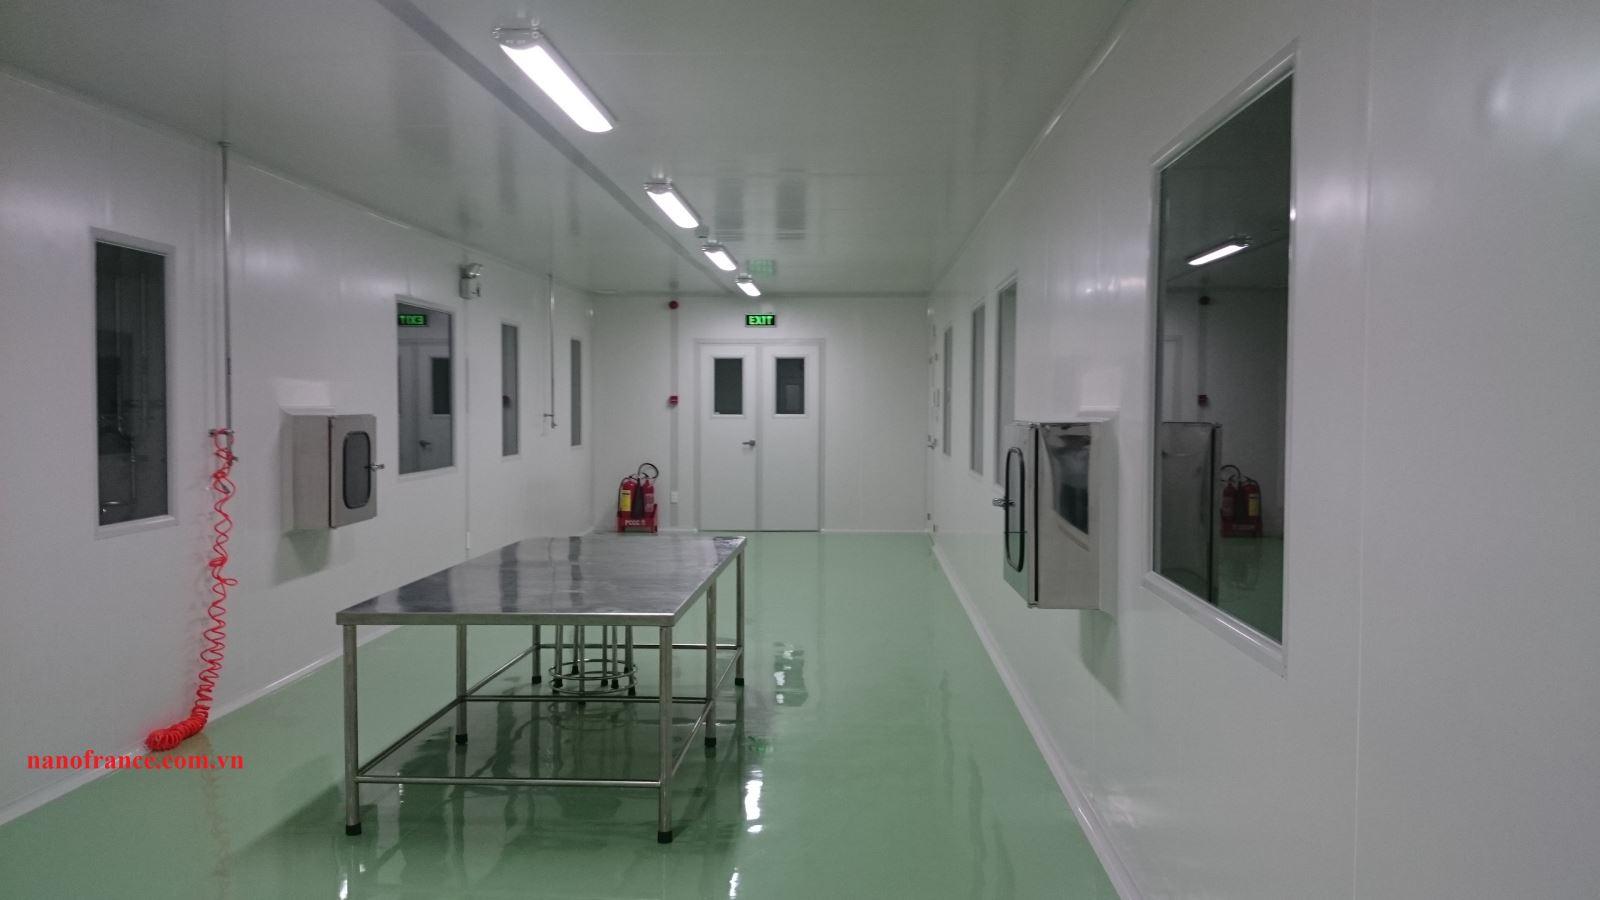 Nhà máy Nanofrance